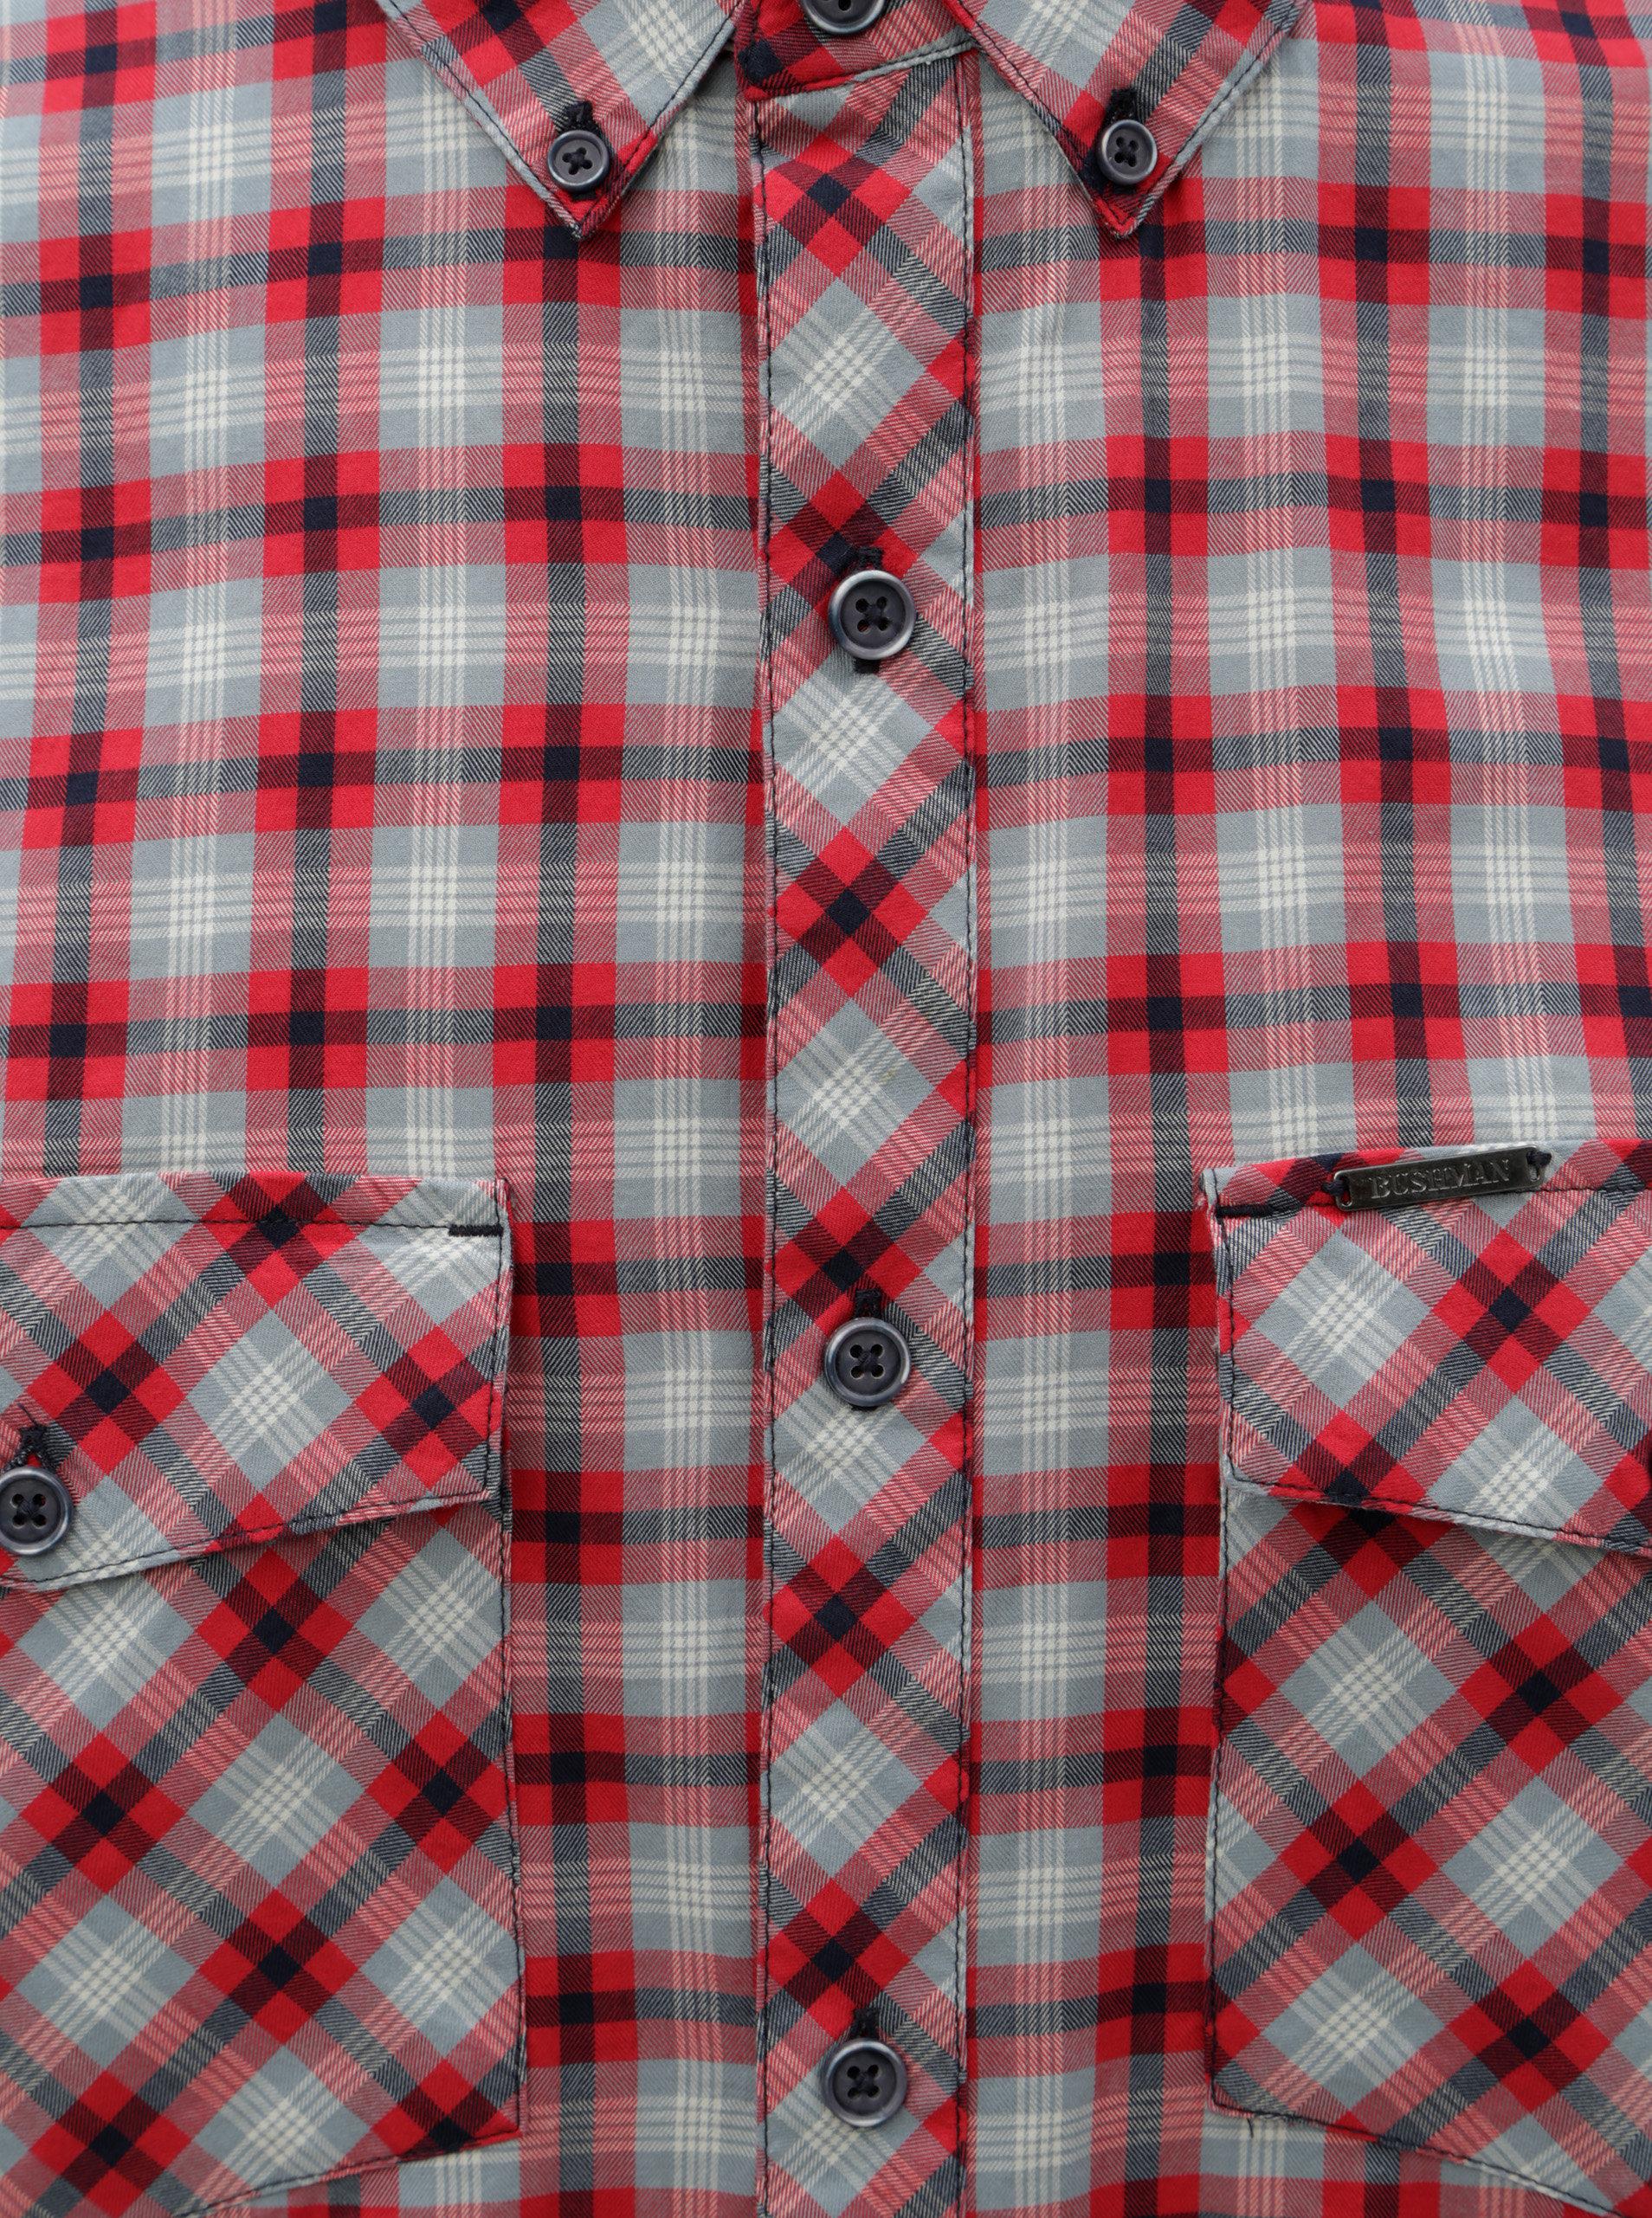 Modro-červená pánská kostkovaná košile BUSHMAN Gresham ... 4fd8da5ecc